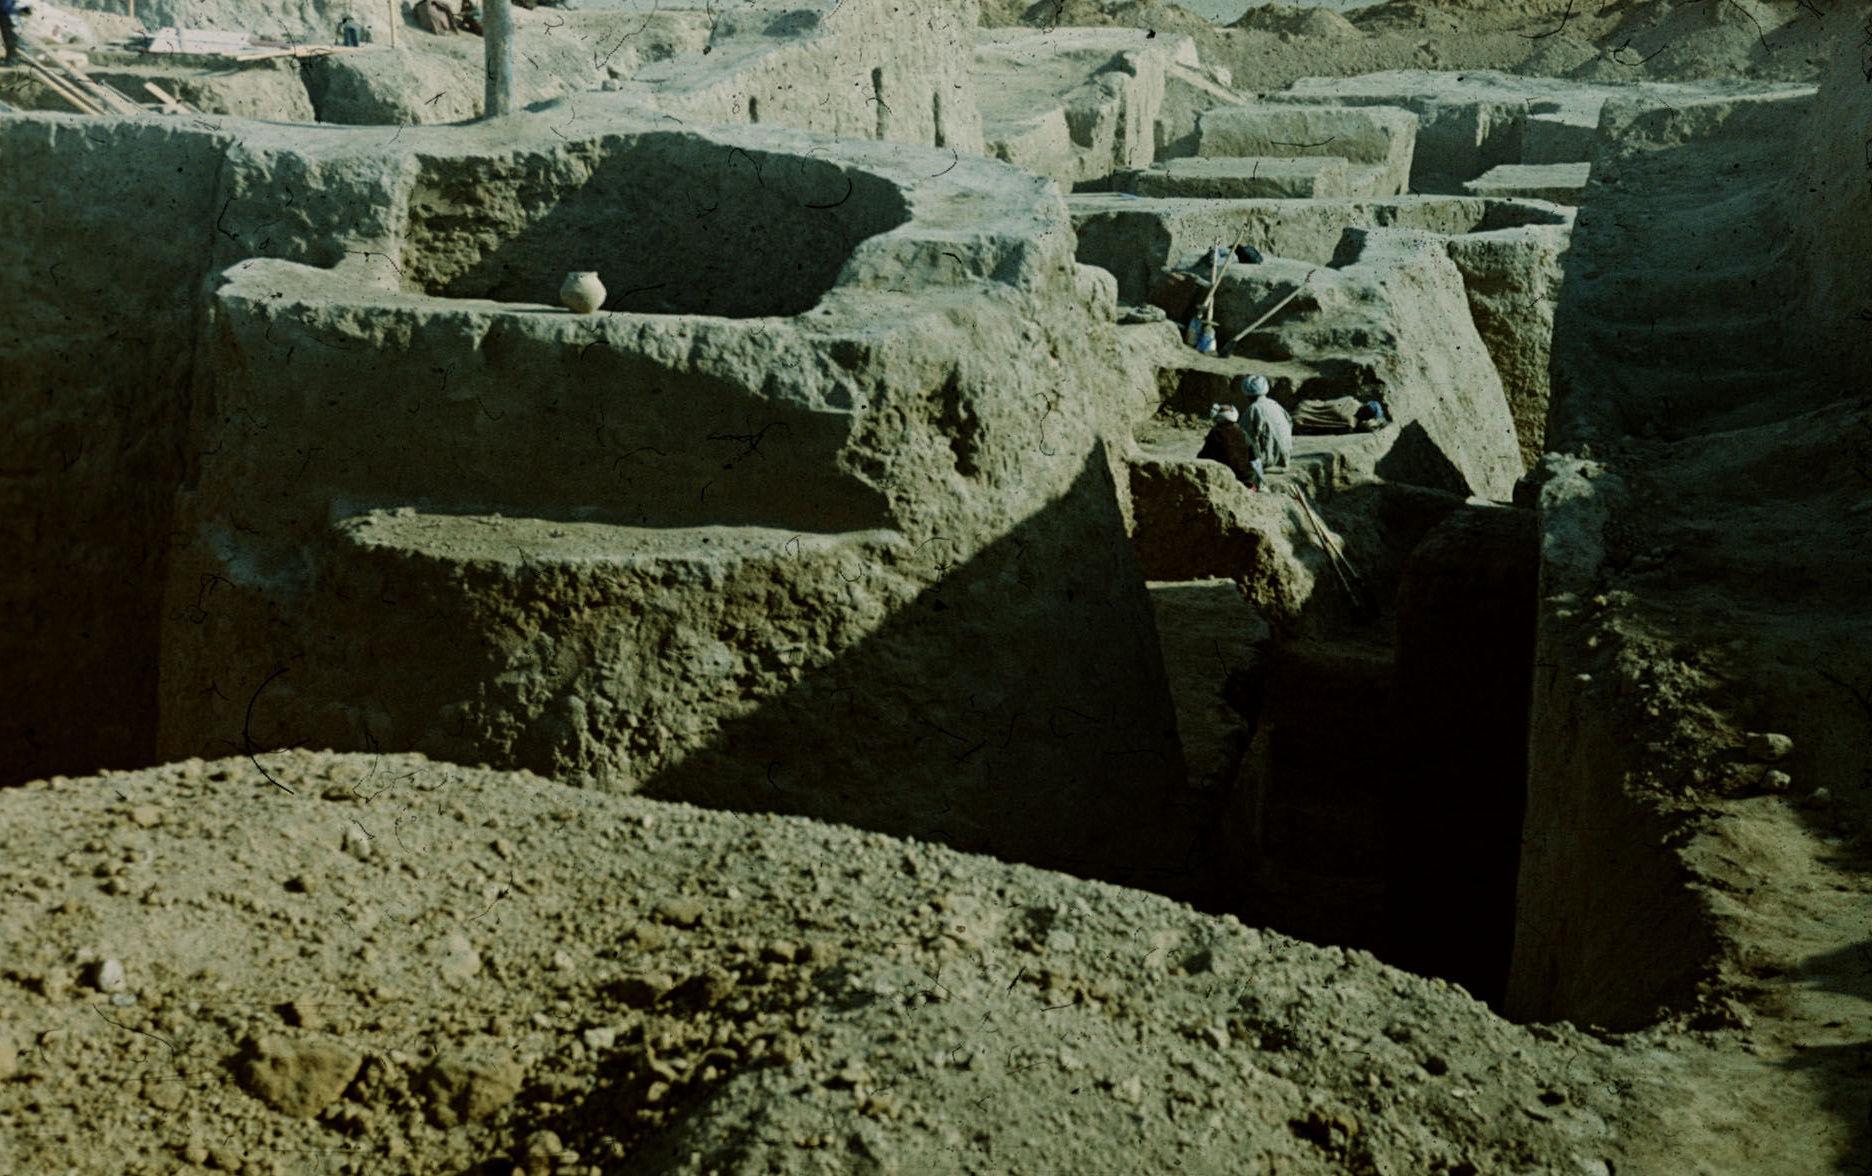 Раскопки древних городов Бактрии Советско-Афганской экспедицией